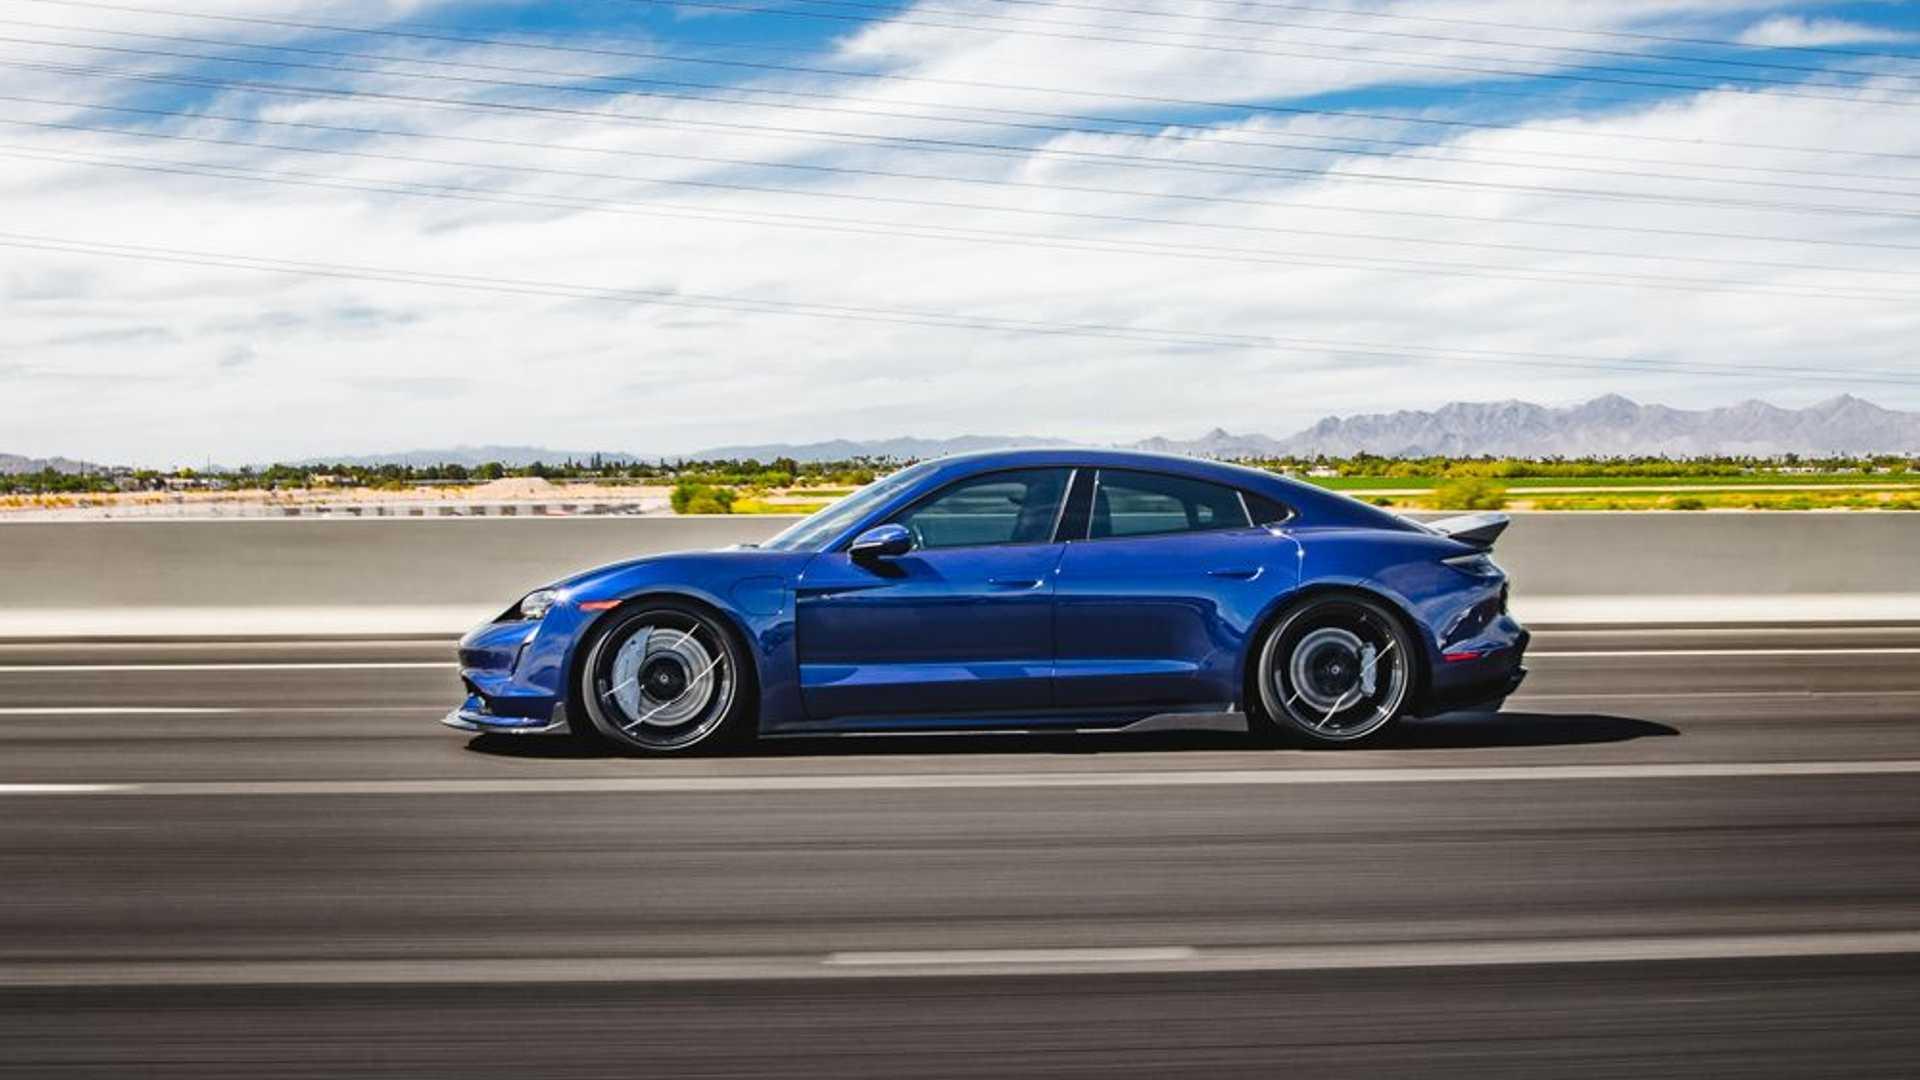 Porsche-Taycan-by-Vivid-Racing-20